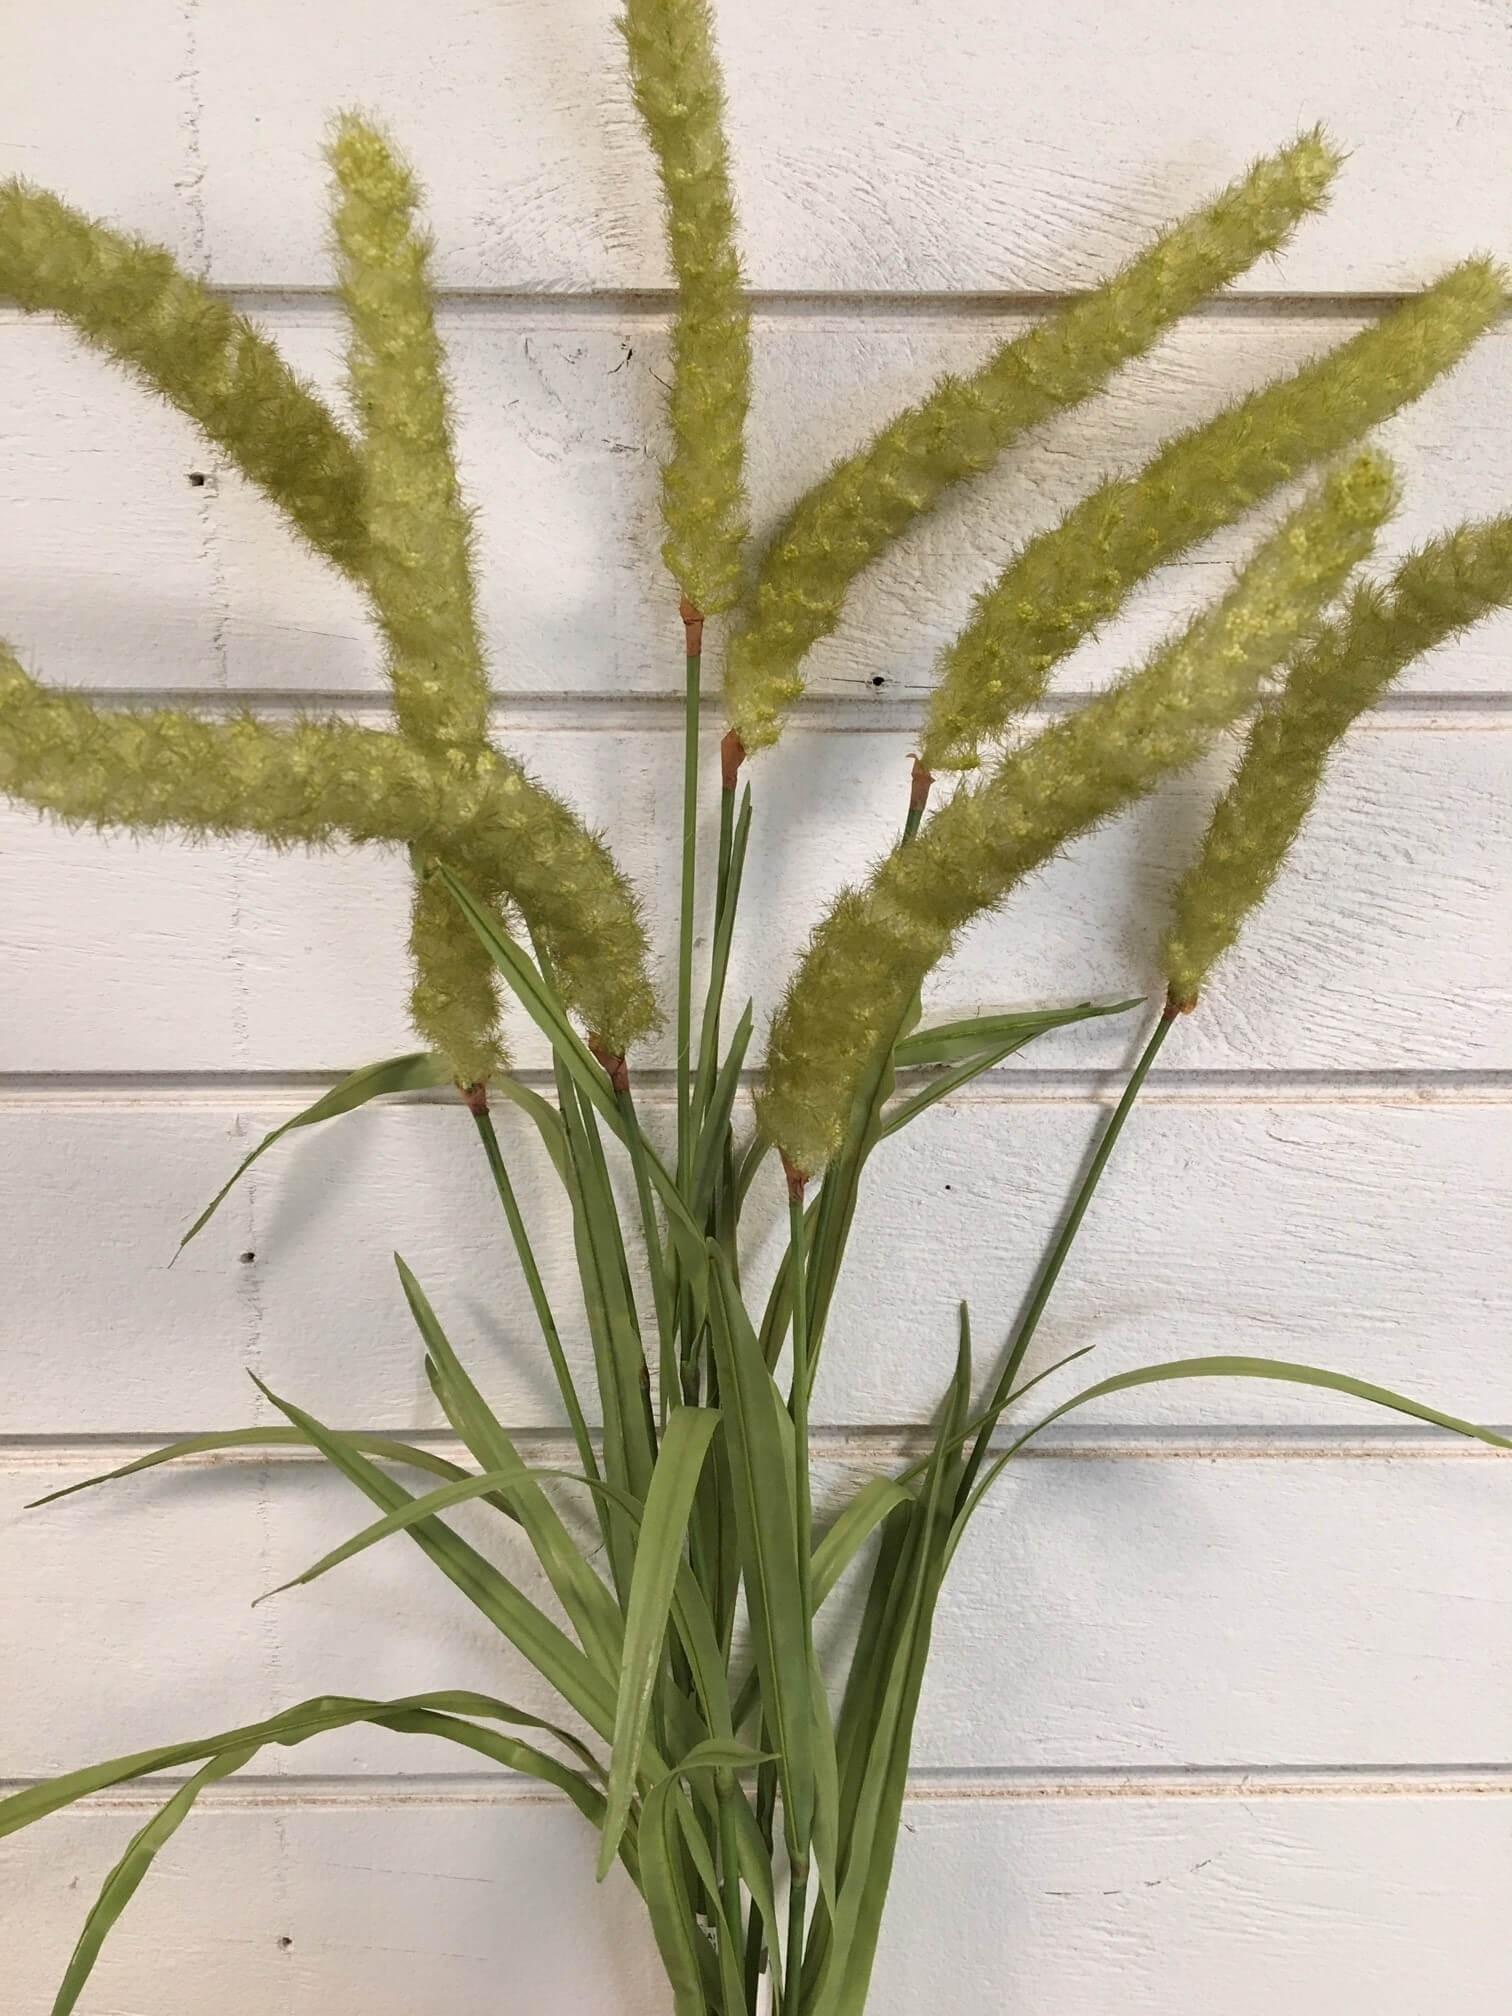 Gräs, ljust ax, konstgjord växt